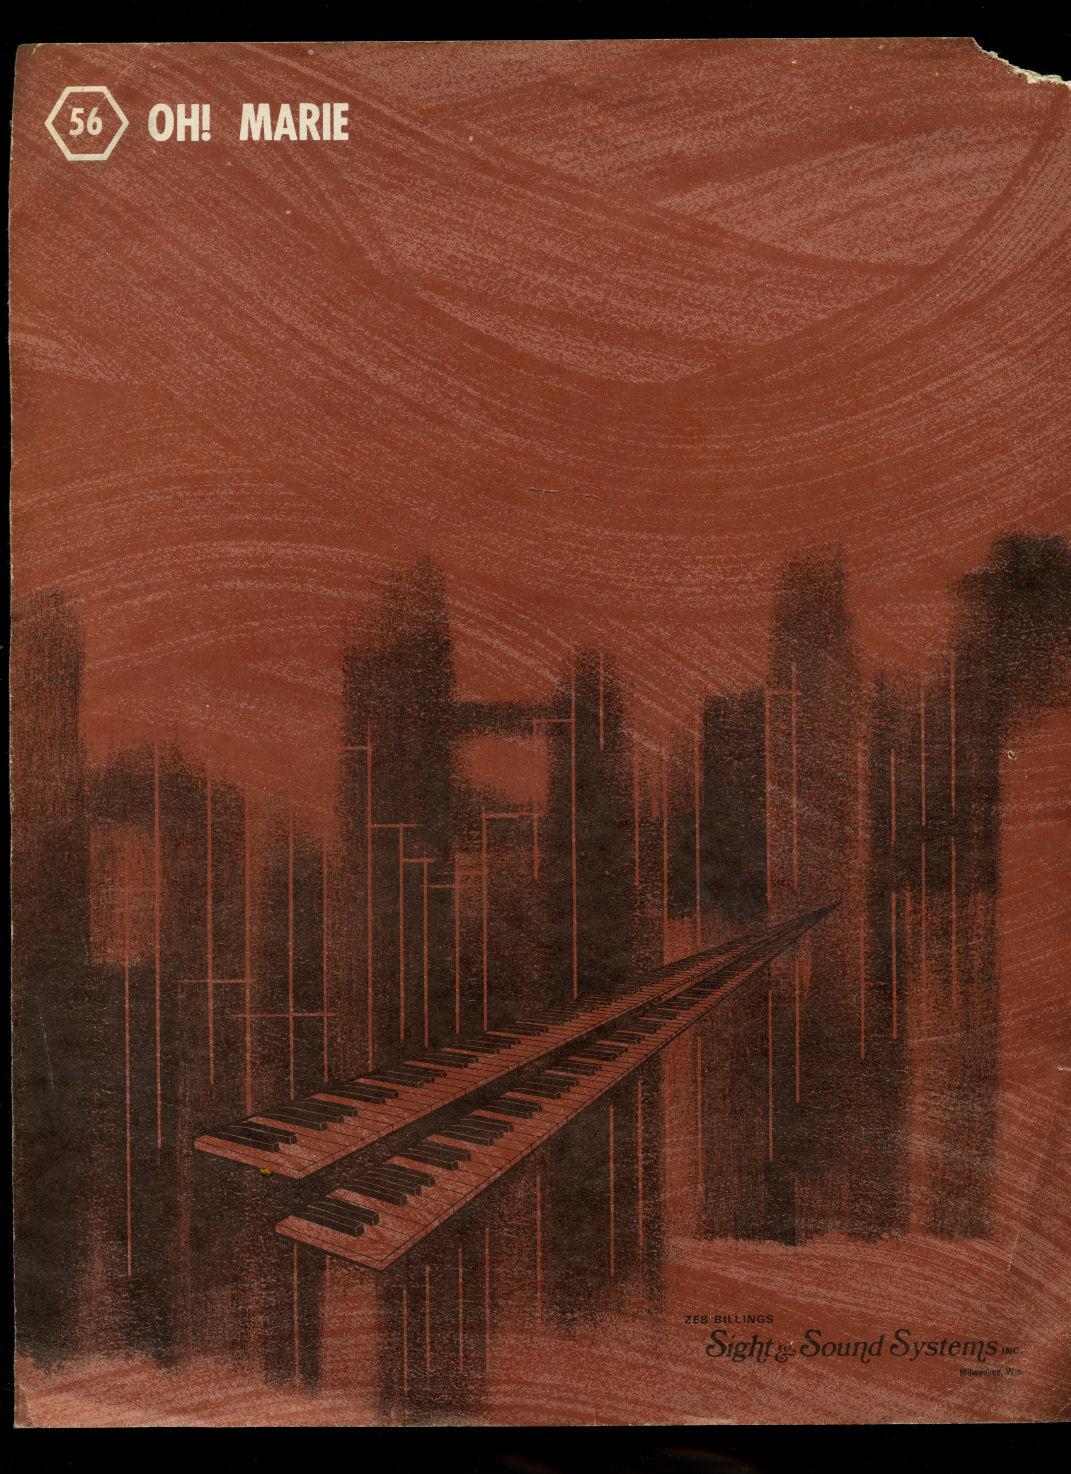 BILLINGS, ZEB - Oh! Marie [Vintage Organ Sheet Music] Register No. 20